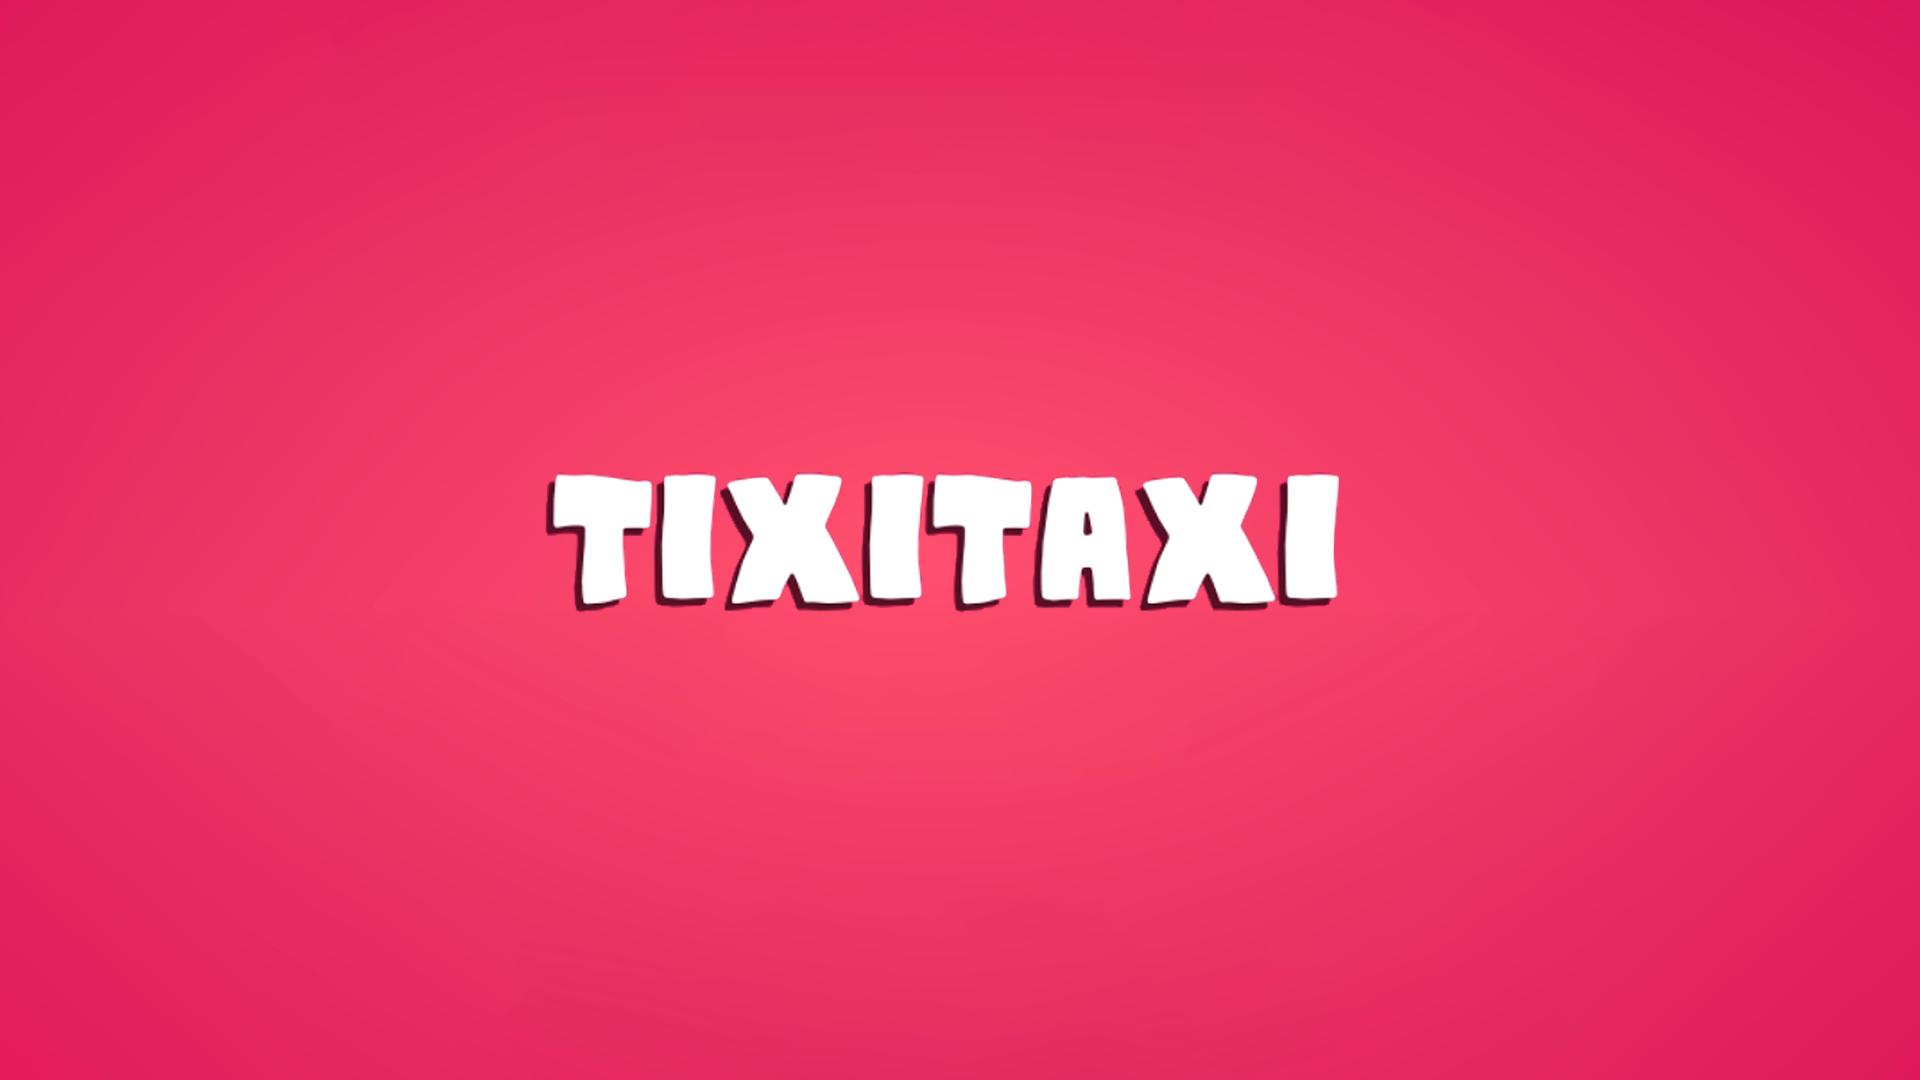 TixiTaxi   Can you help the TixiTaxis reach their goals?